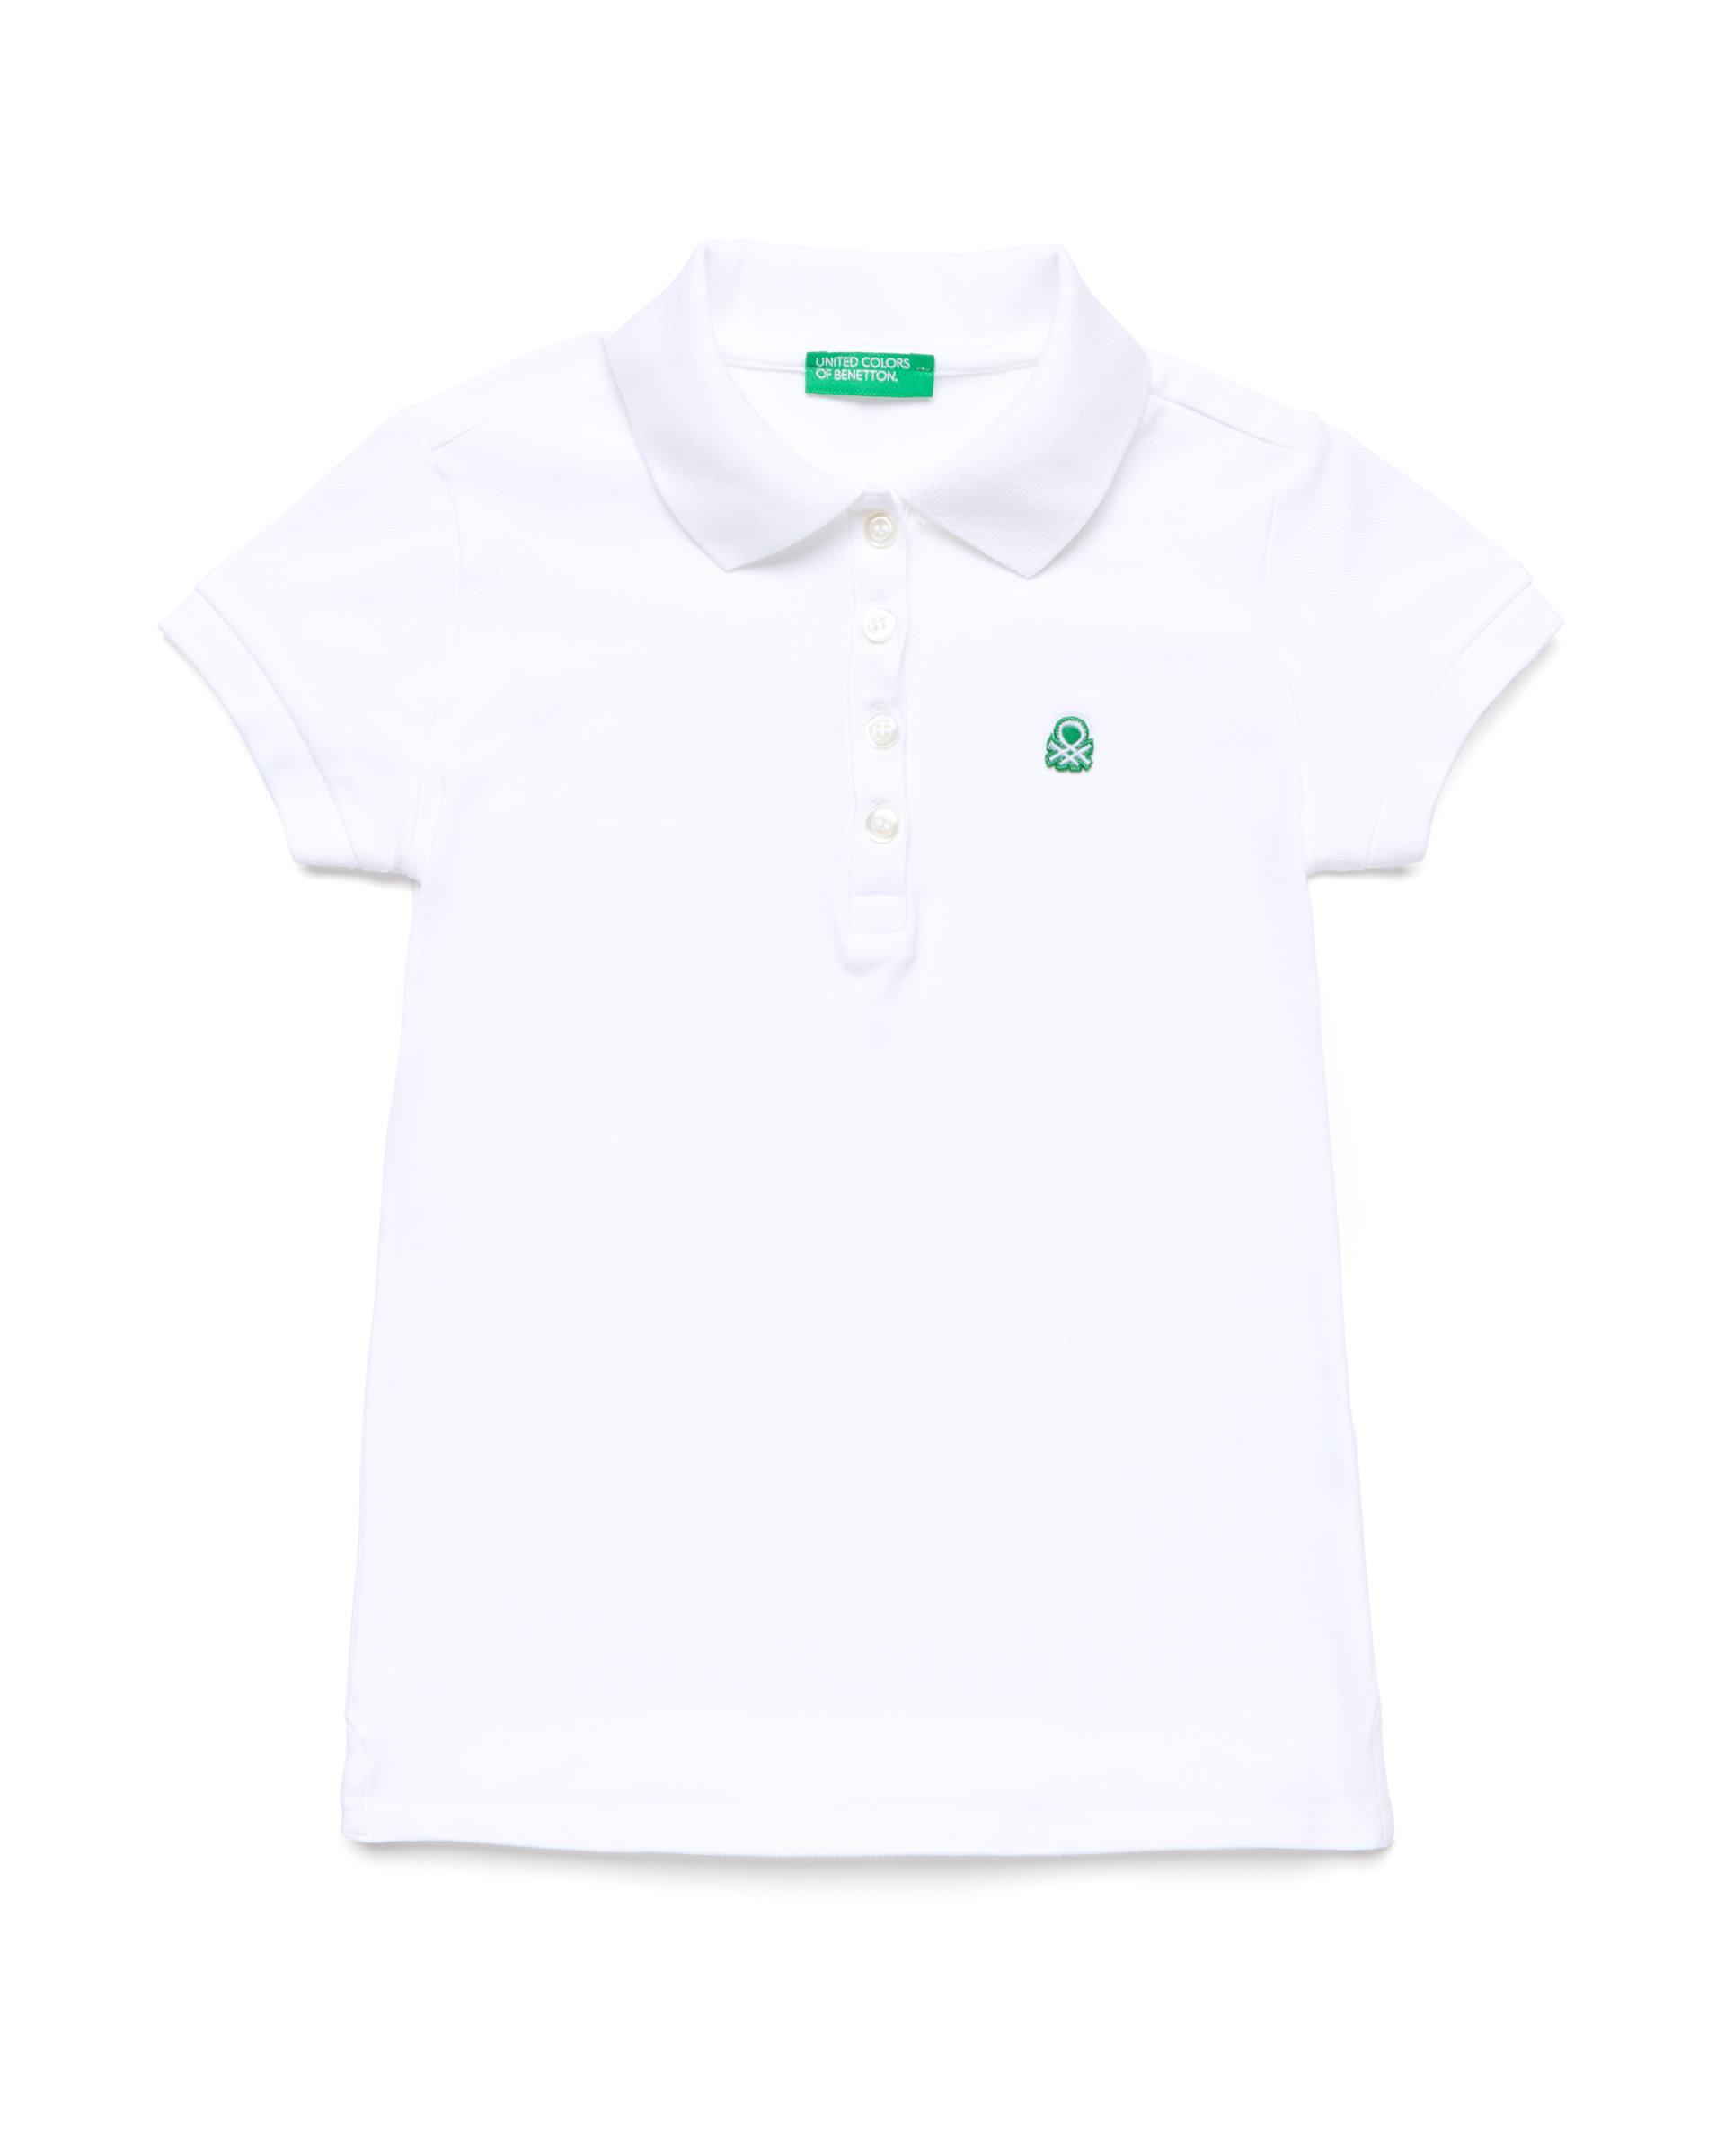 Купить CCC_3WG9C3092_101, Поло-пике для девочек Benetton 3WG9C3092_101 р-р 140, United Colors of Benetton, Детские футболки